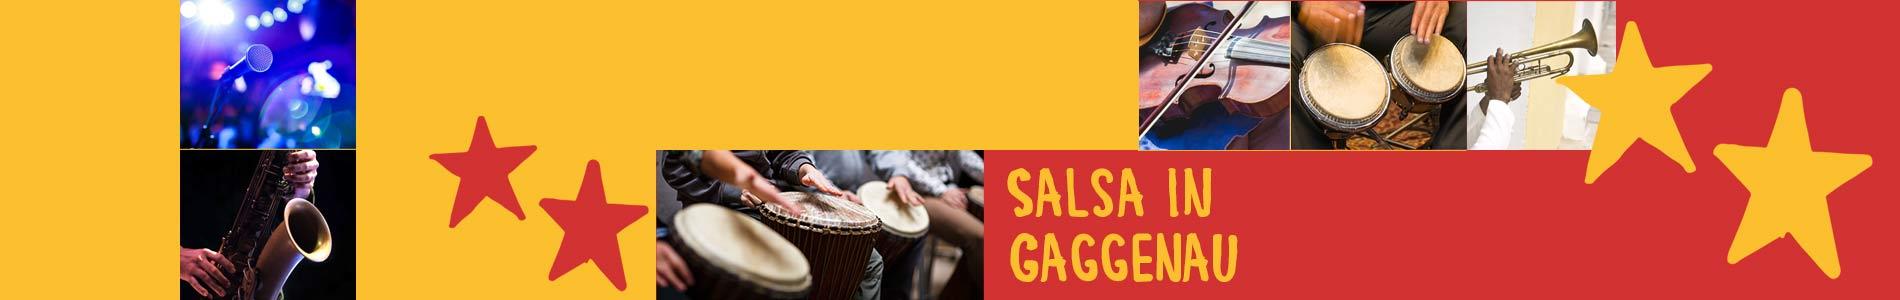 Salsa in Gaggenau – Salsa lernen und tanzen, Tanzkurse, Partys, Veranstaltungen